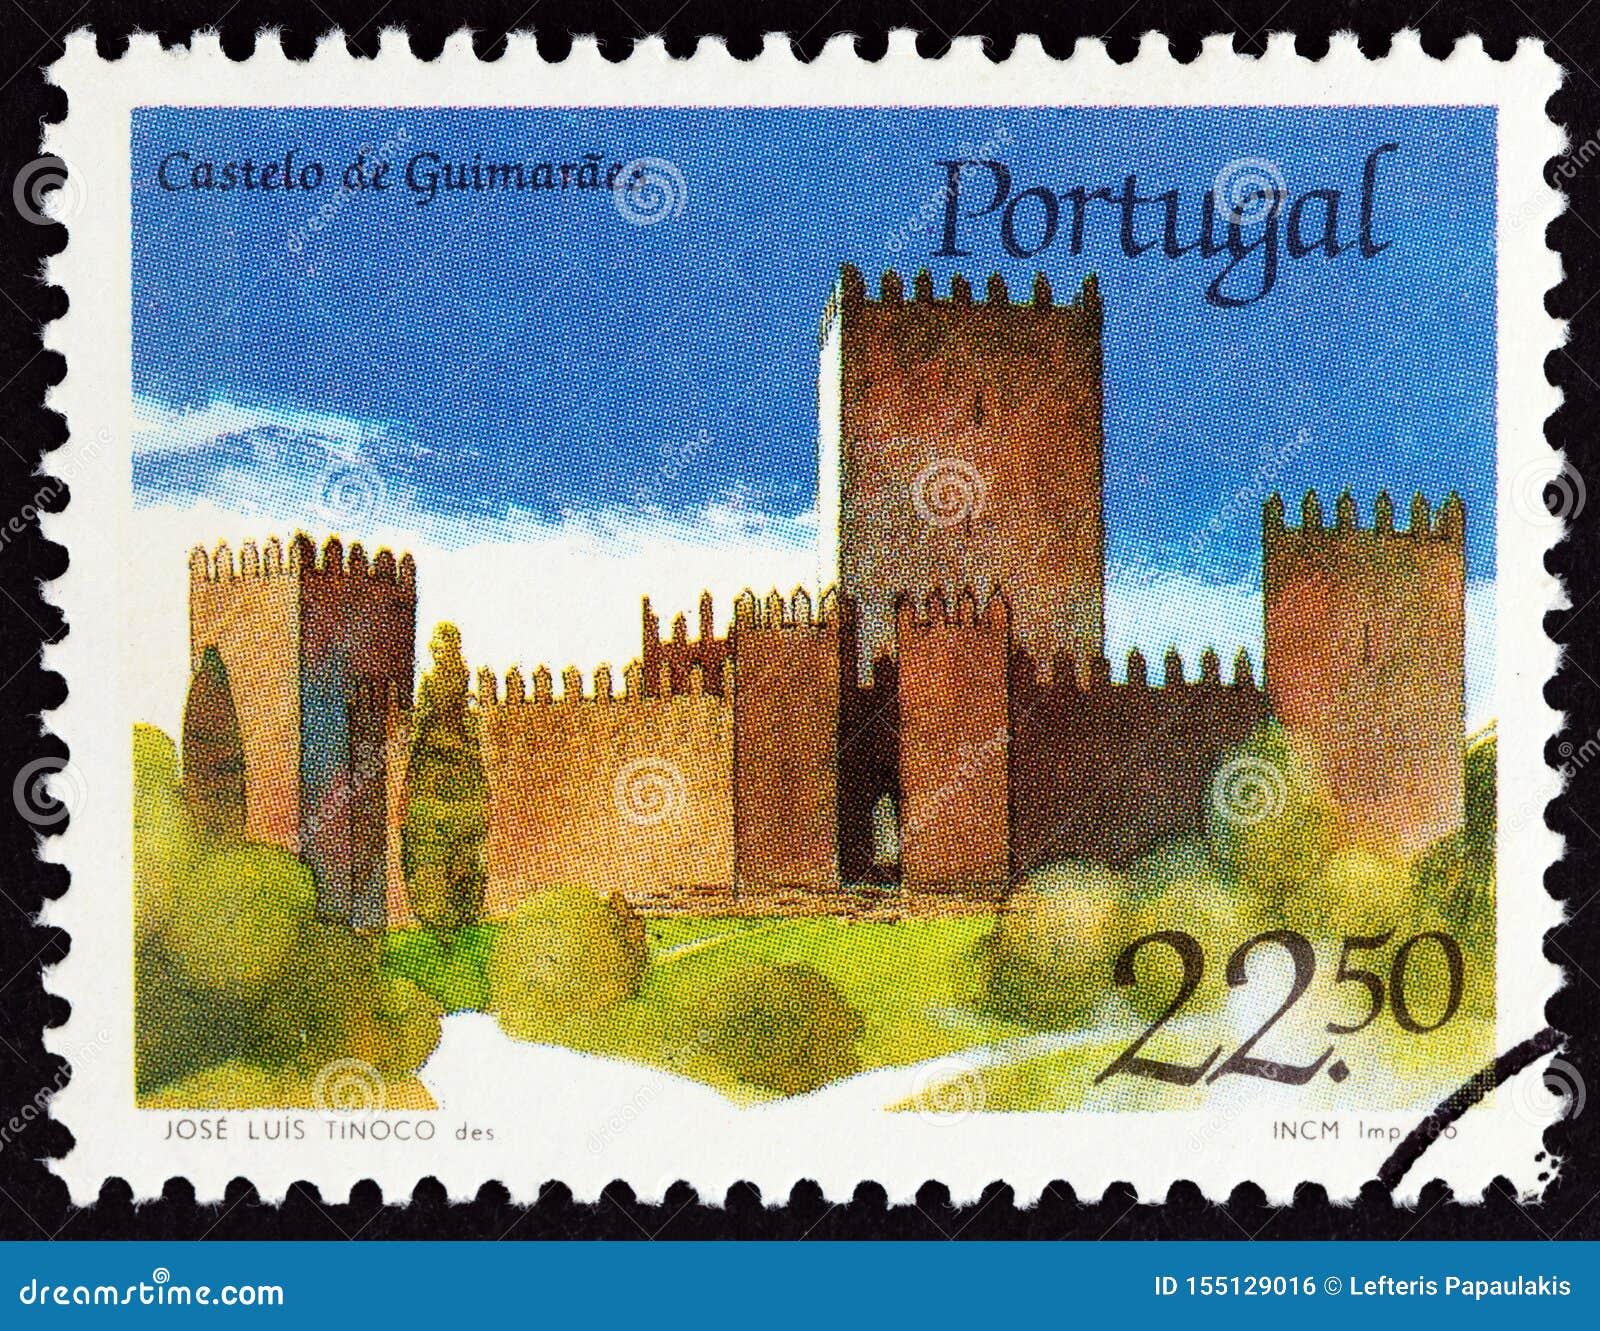 IL PORTOGALLO - CIRCA 1986: Un bollo stampato nel castello di Guimaraes di manifestazioni del Portogallo, circa 1986